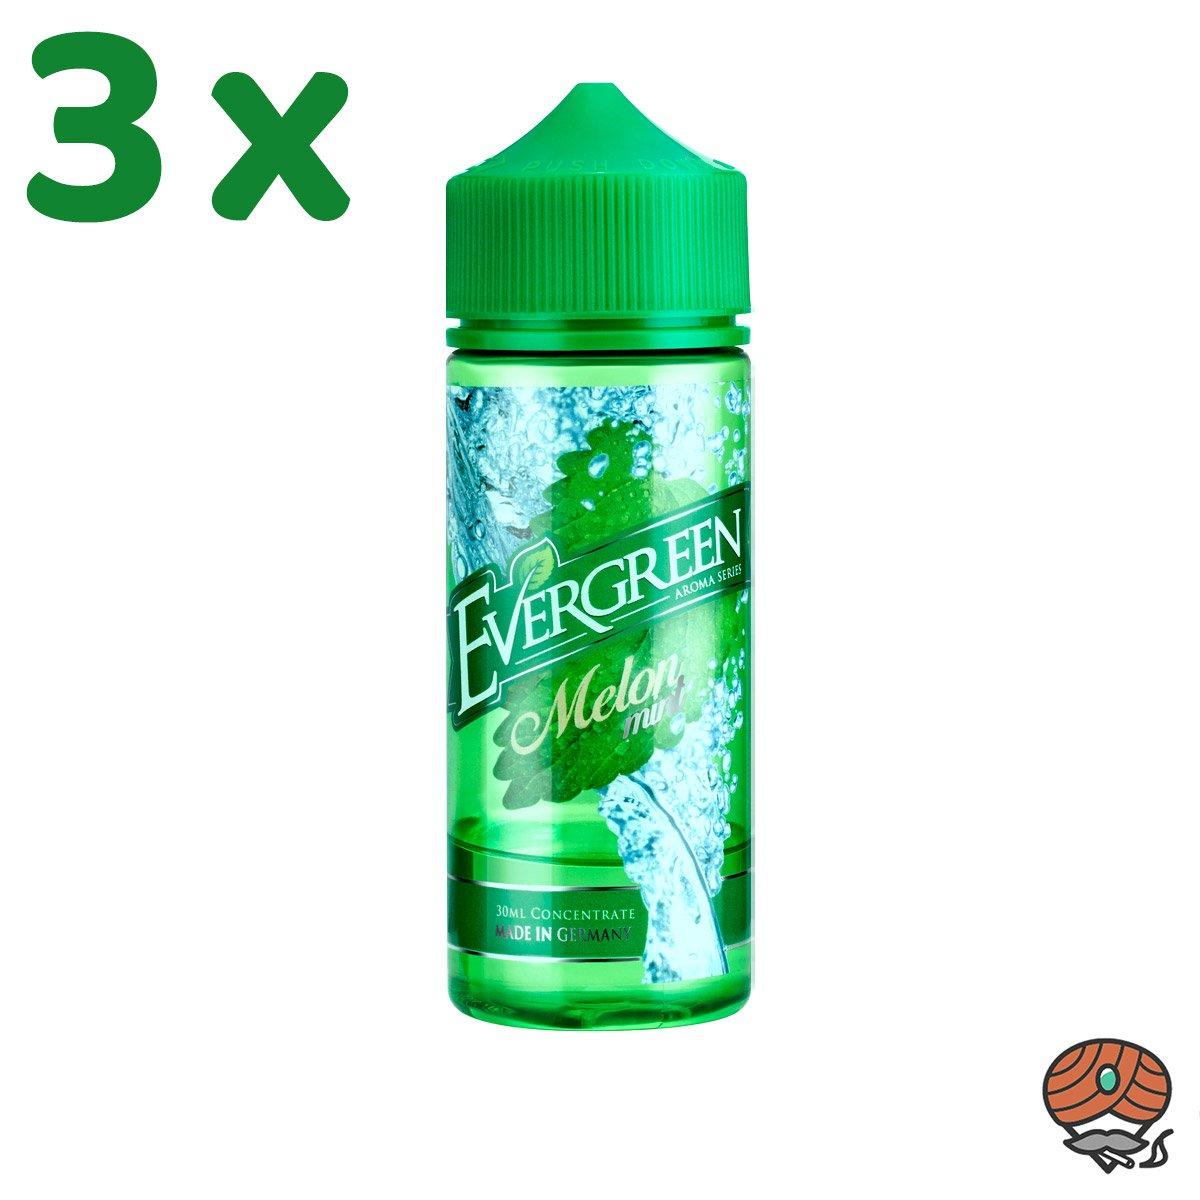 3 x Melon Mint Evergreen Aroma à 30 ml